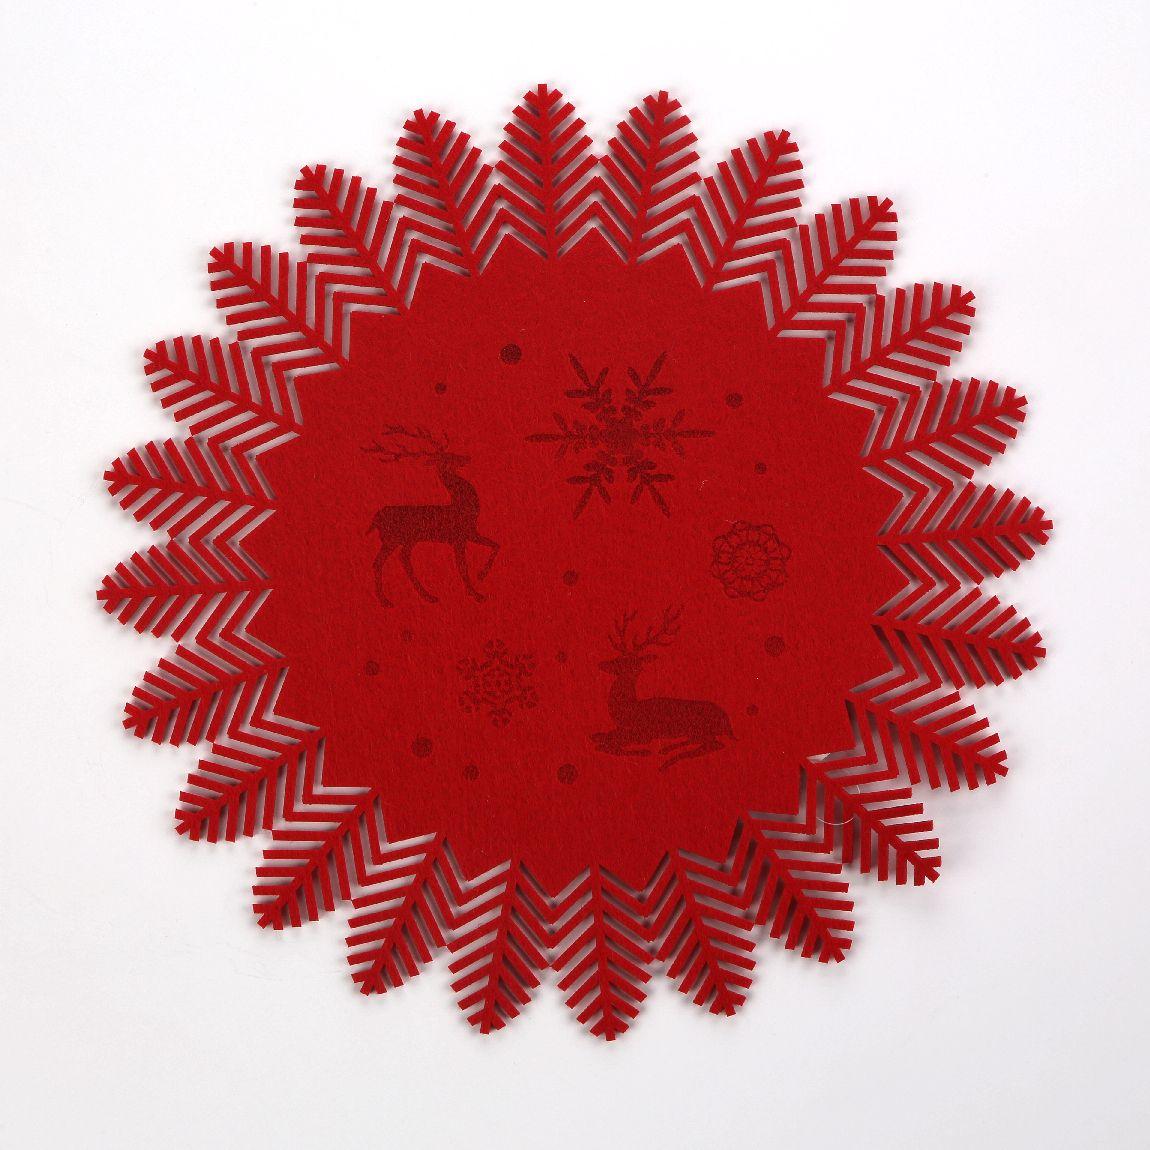 Podkładka / mata na stół filcowa Altom Design czerwona jodełka 35 cm